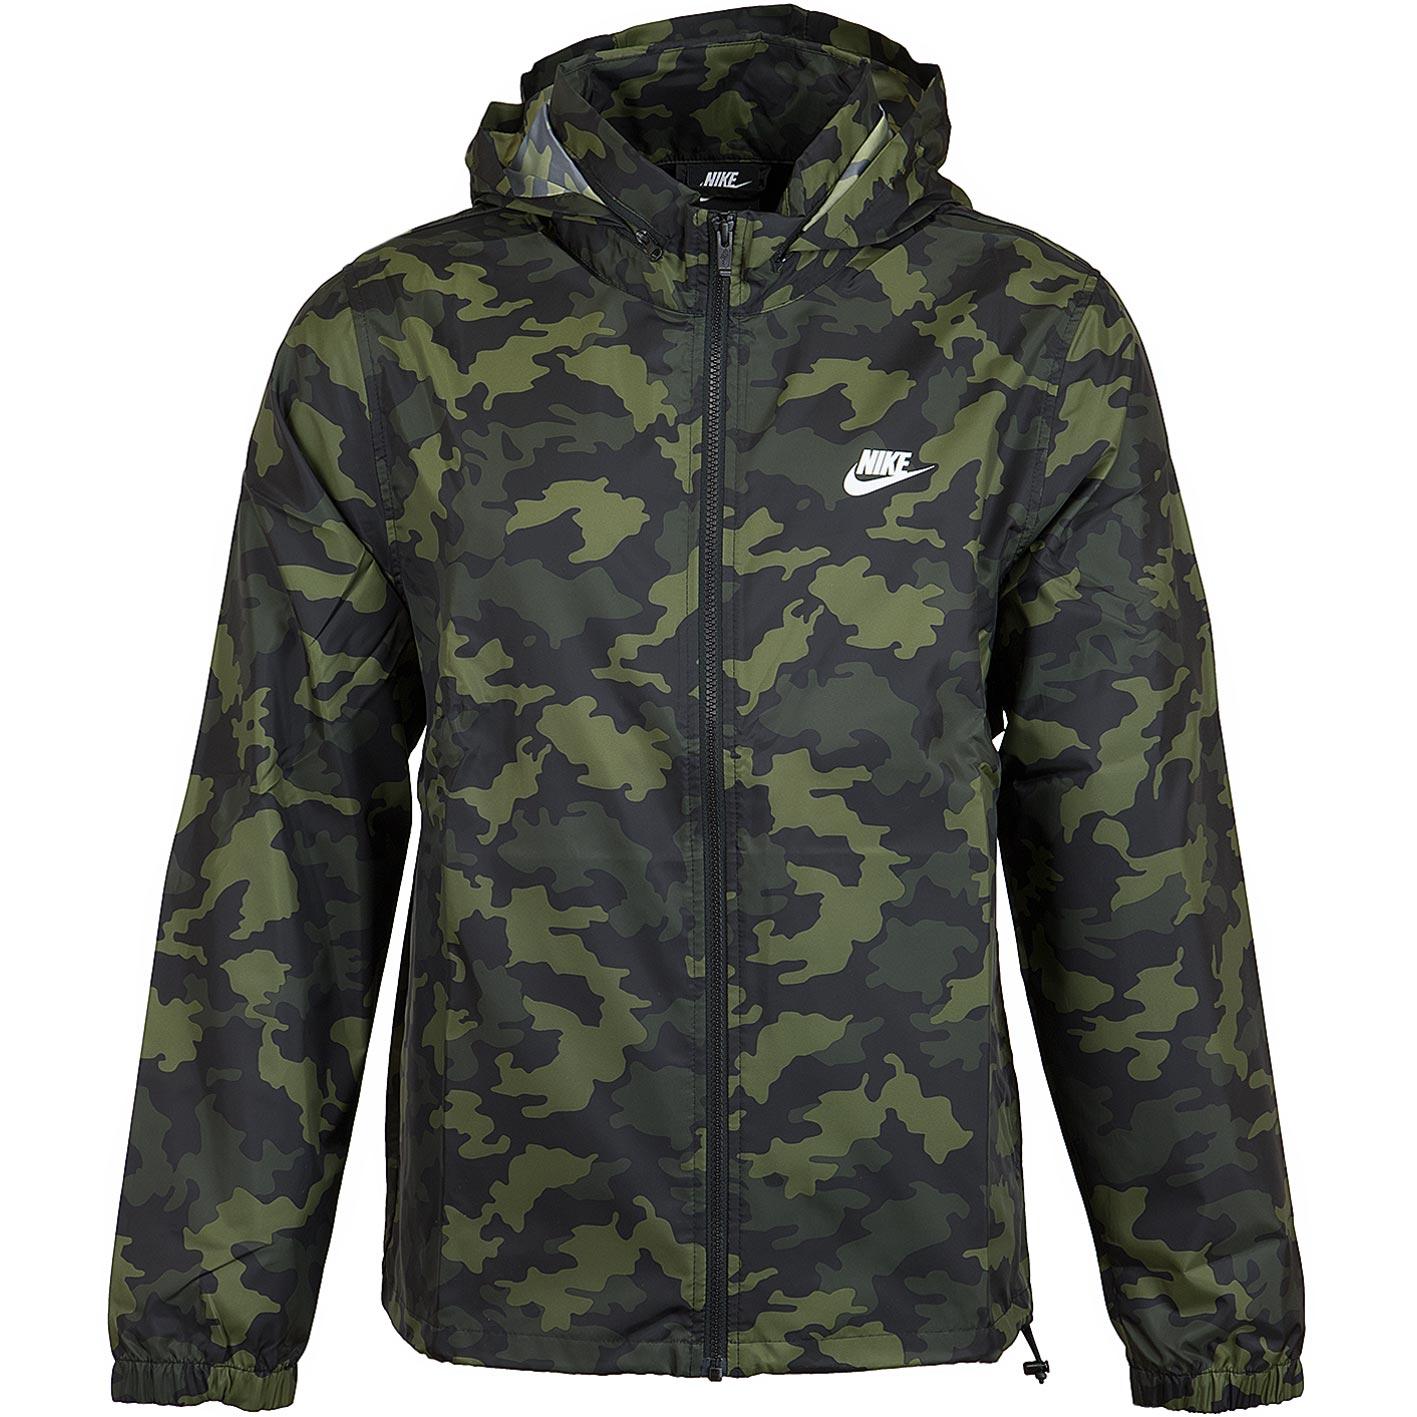 Nike Jacke Camo grünweiss